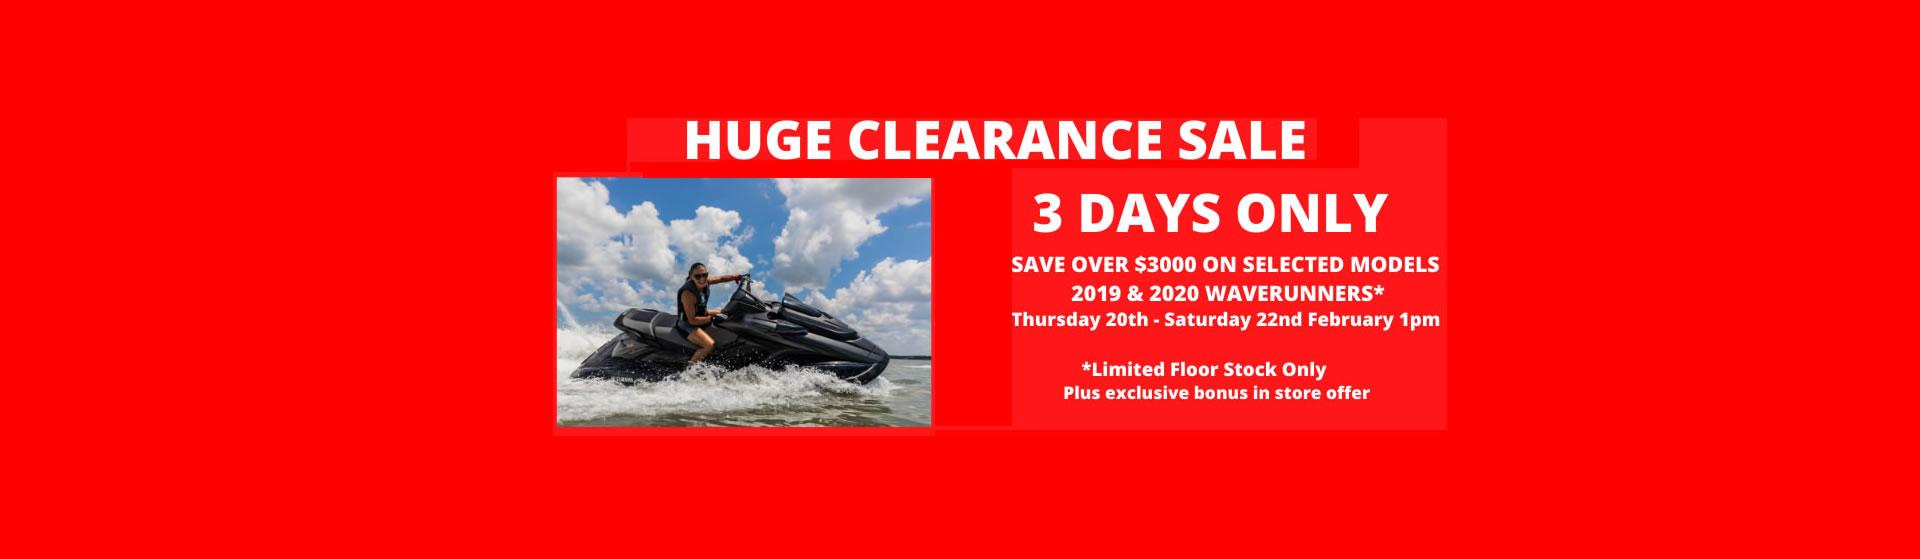 New Boat Sales Melbourne | Boat Dealers - BL Marine